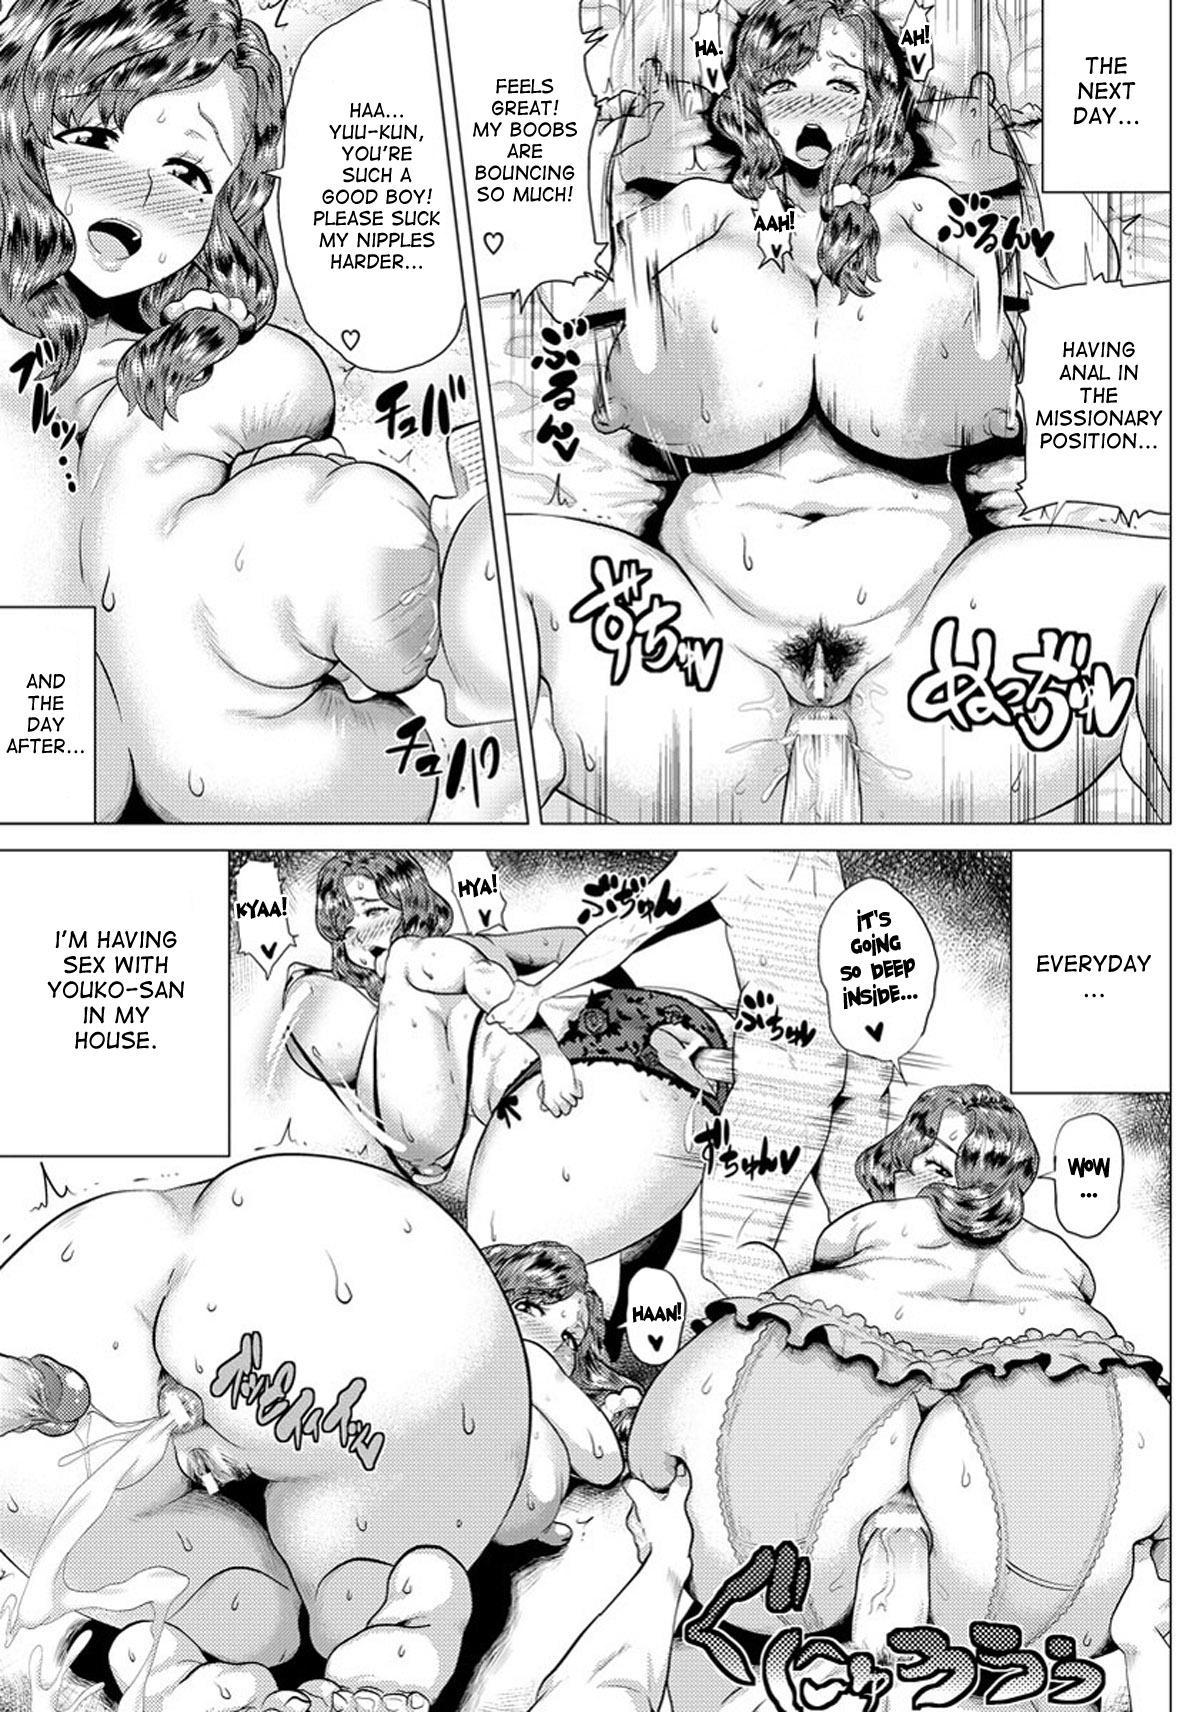 [Yokkora] Megabody Night ~Watashi no Oniku wo Meshiagare~ | Megabody Night ~My voluptuous body & mom love~ [English] {Laruffi + desudesu + EHCOVE} 59